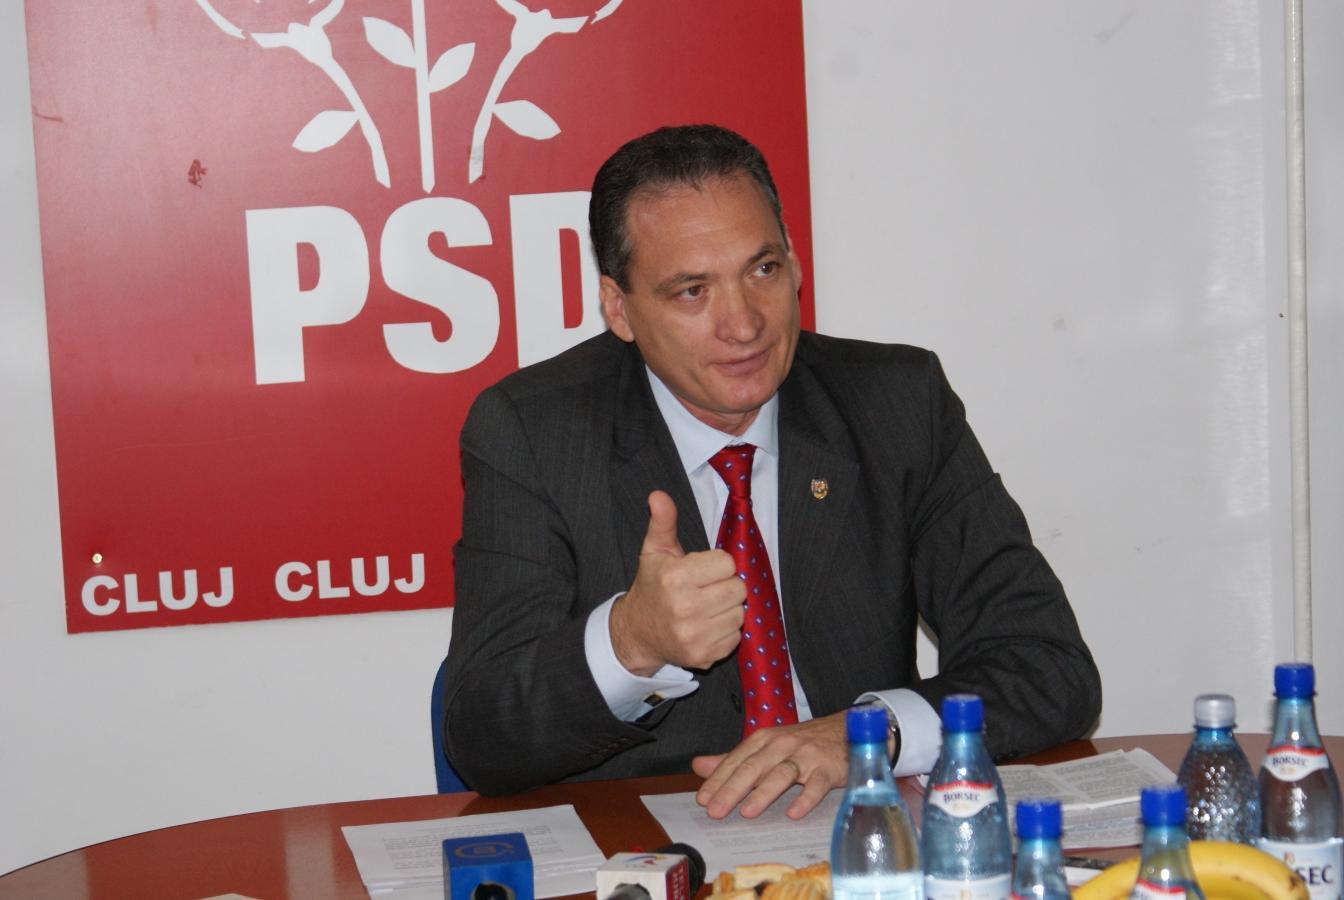 Conducere specială la PSD Cluj-Napoca pentru alegerile europarlamentare